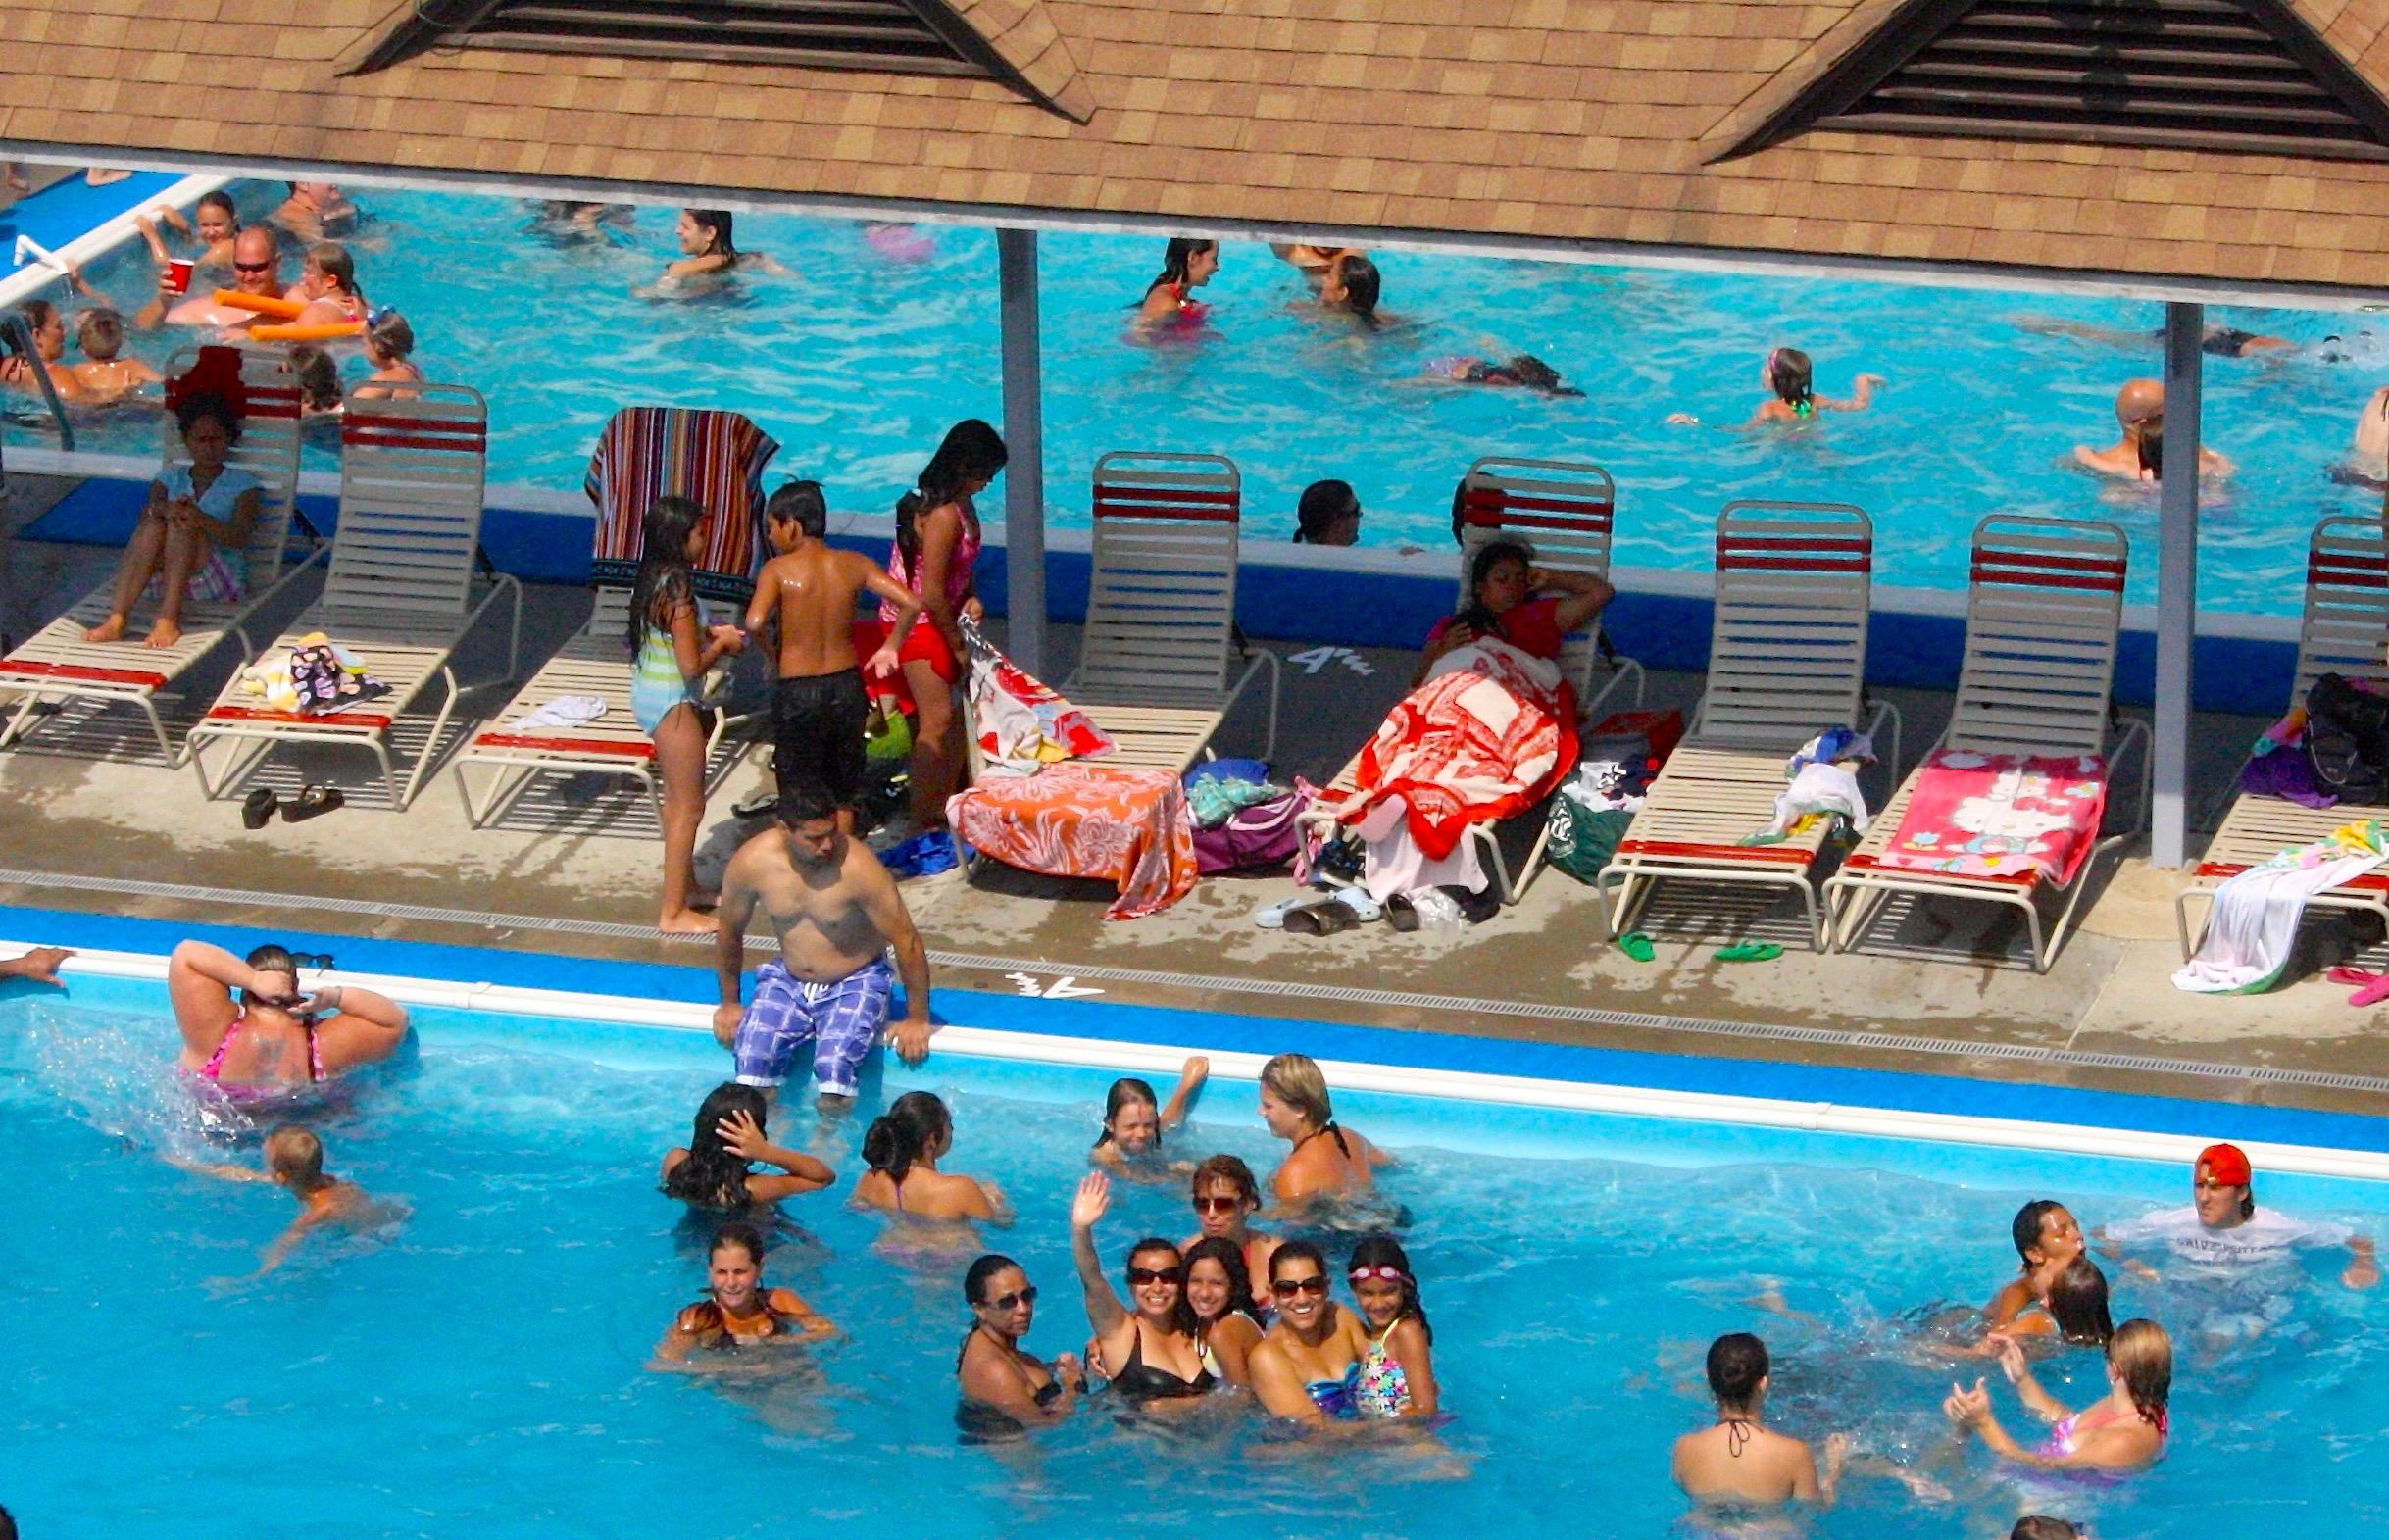 pool is open seven days a week